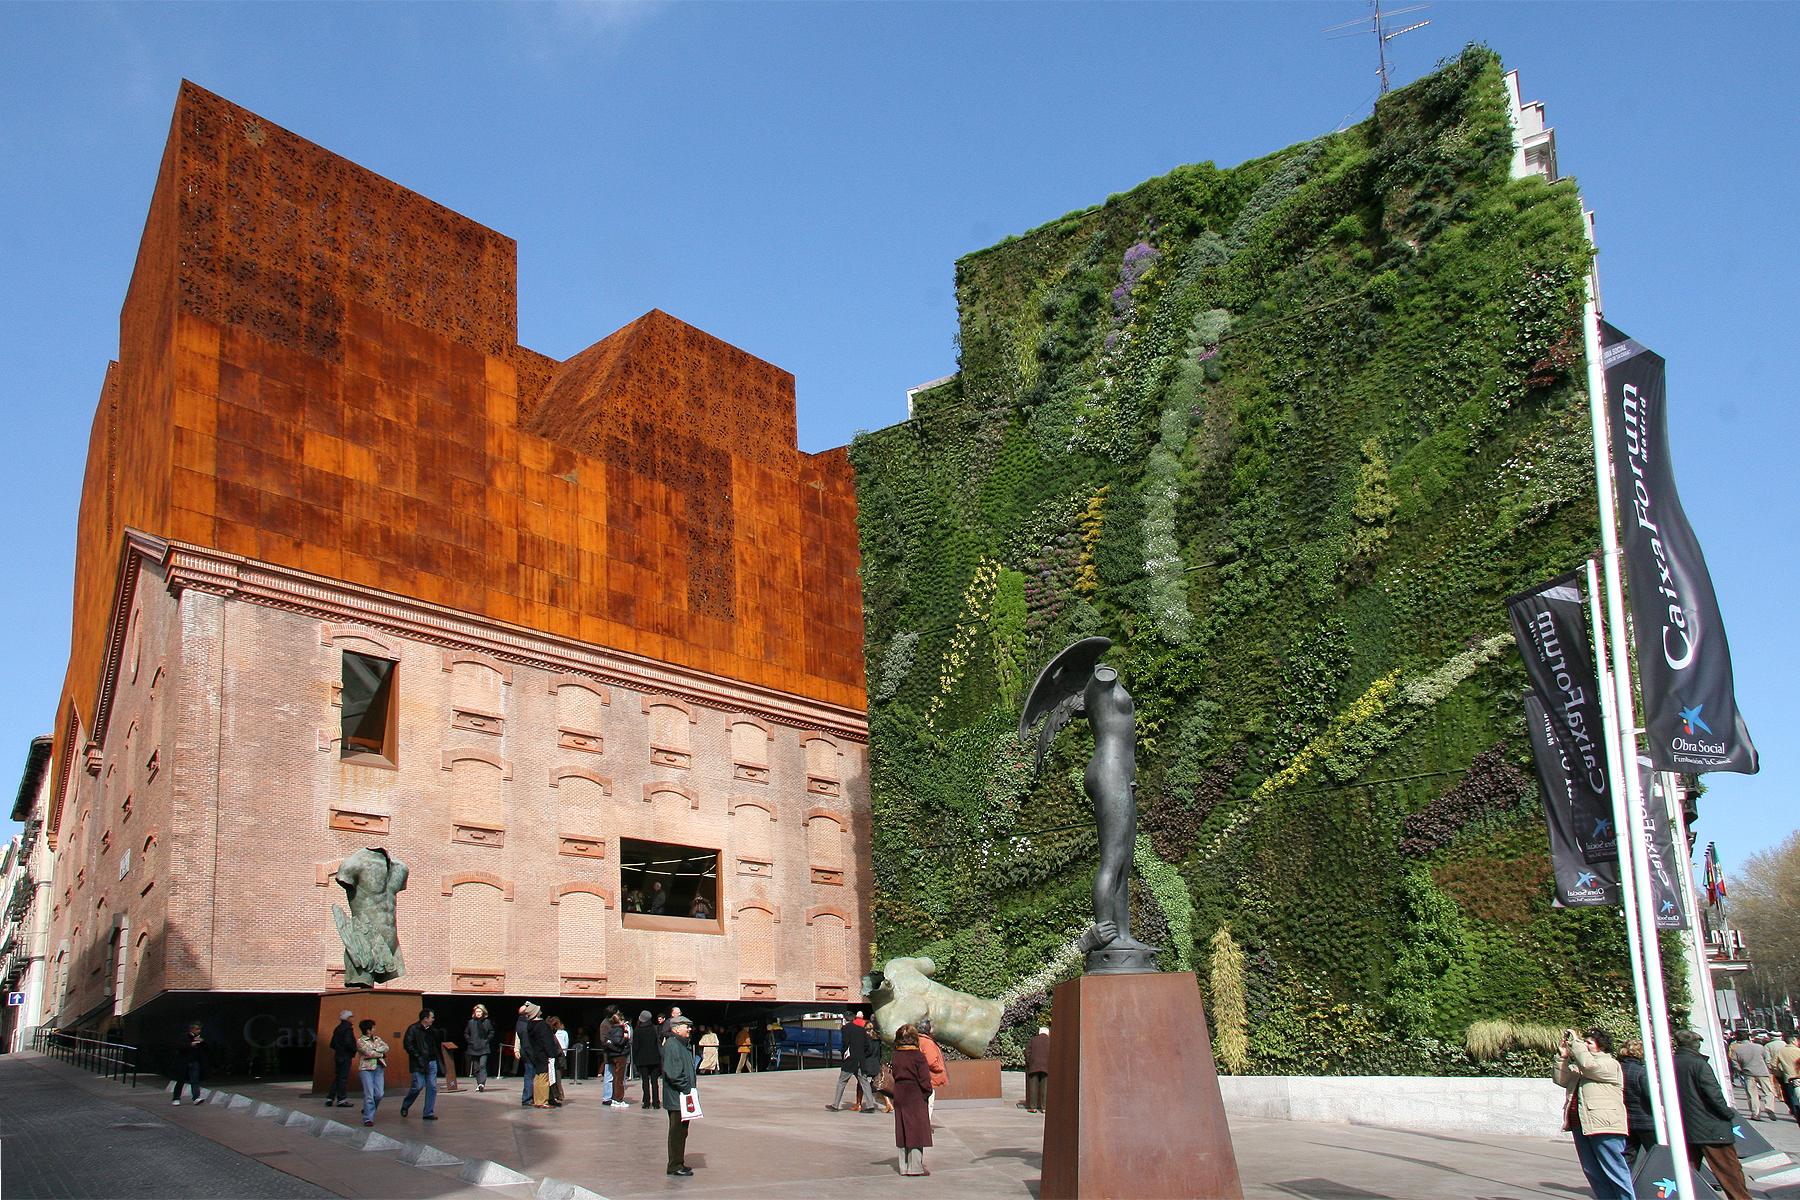 Caixa forum art exhibition madrid flickr photo sharing - Steel framing espana ...